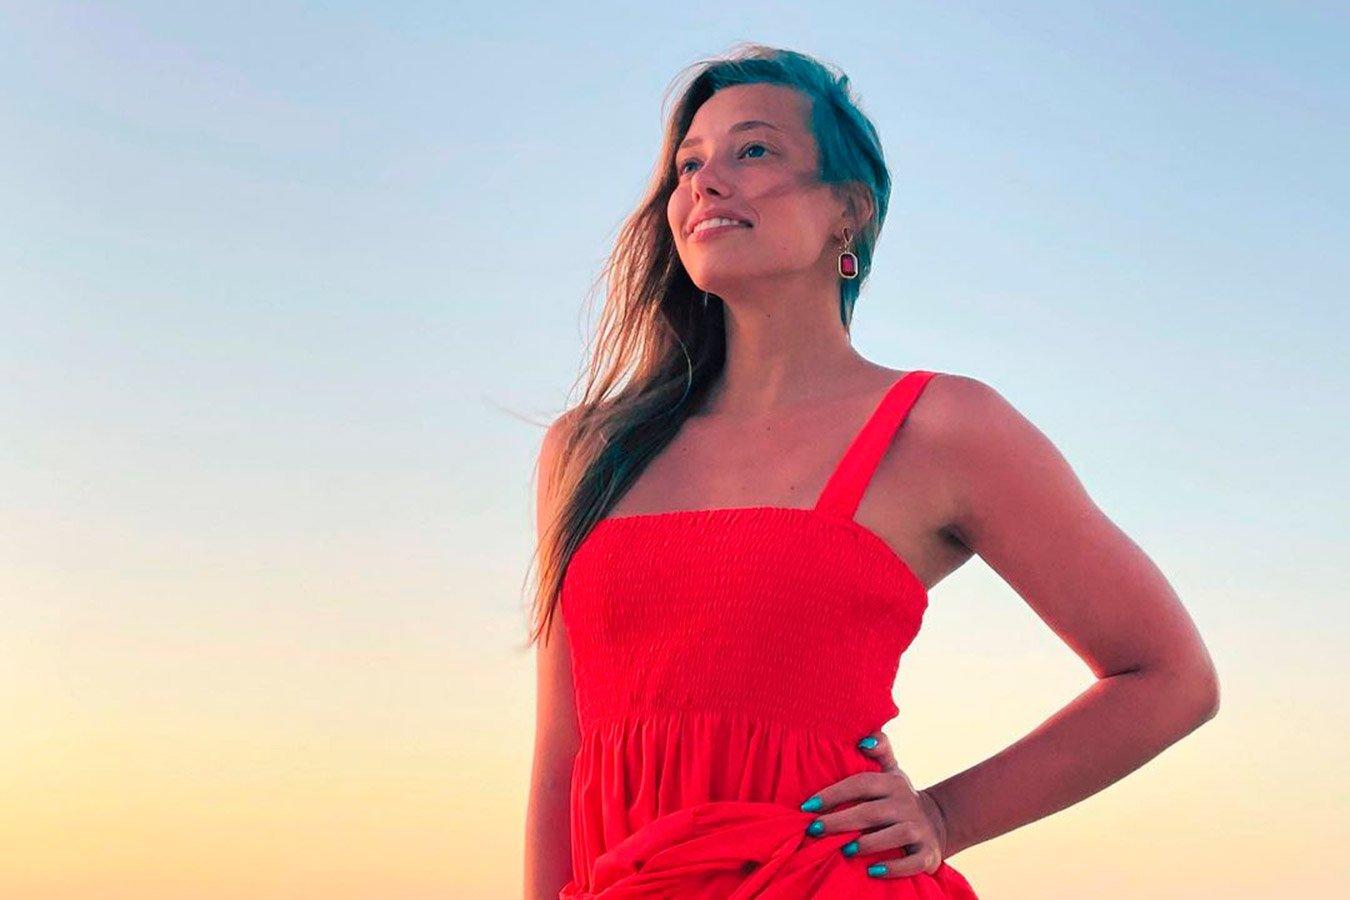 Гимнастка Бирюкова показала яркое фото на фоне моря с отдыха на Кубе